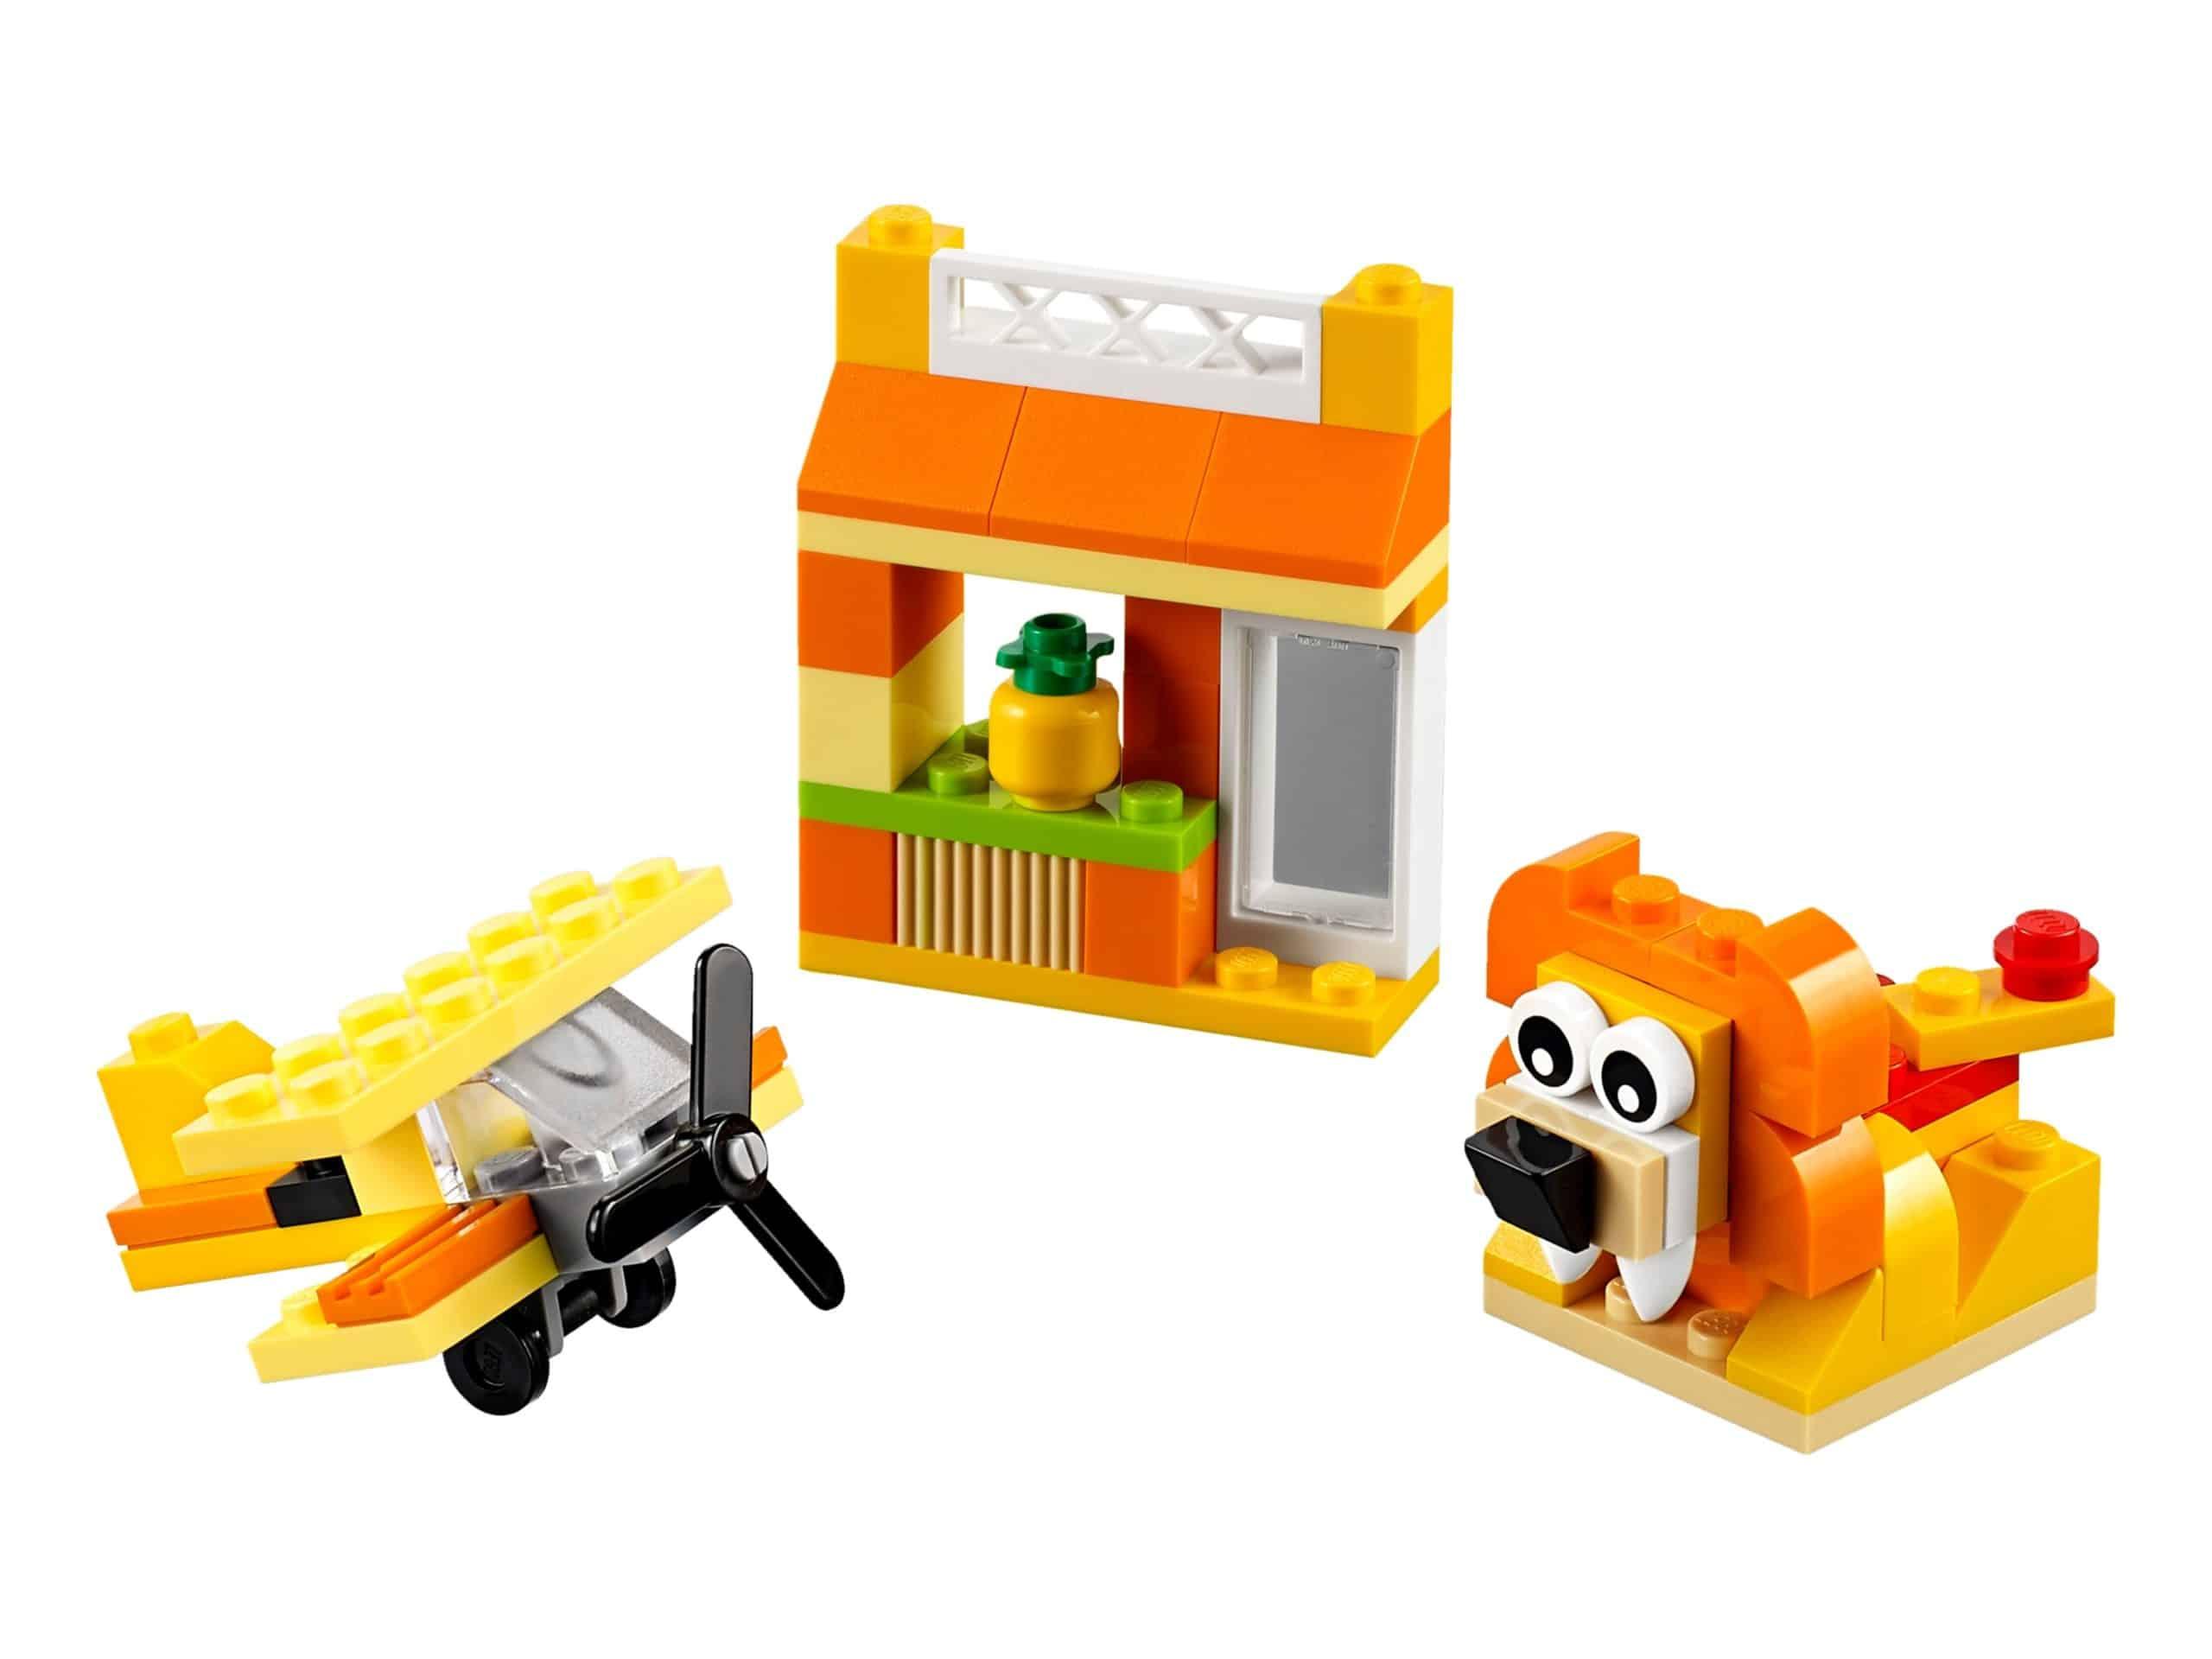 lego 10709 kreativ box orange scaled